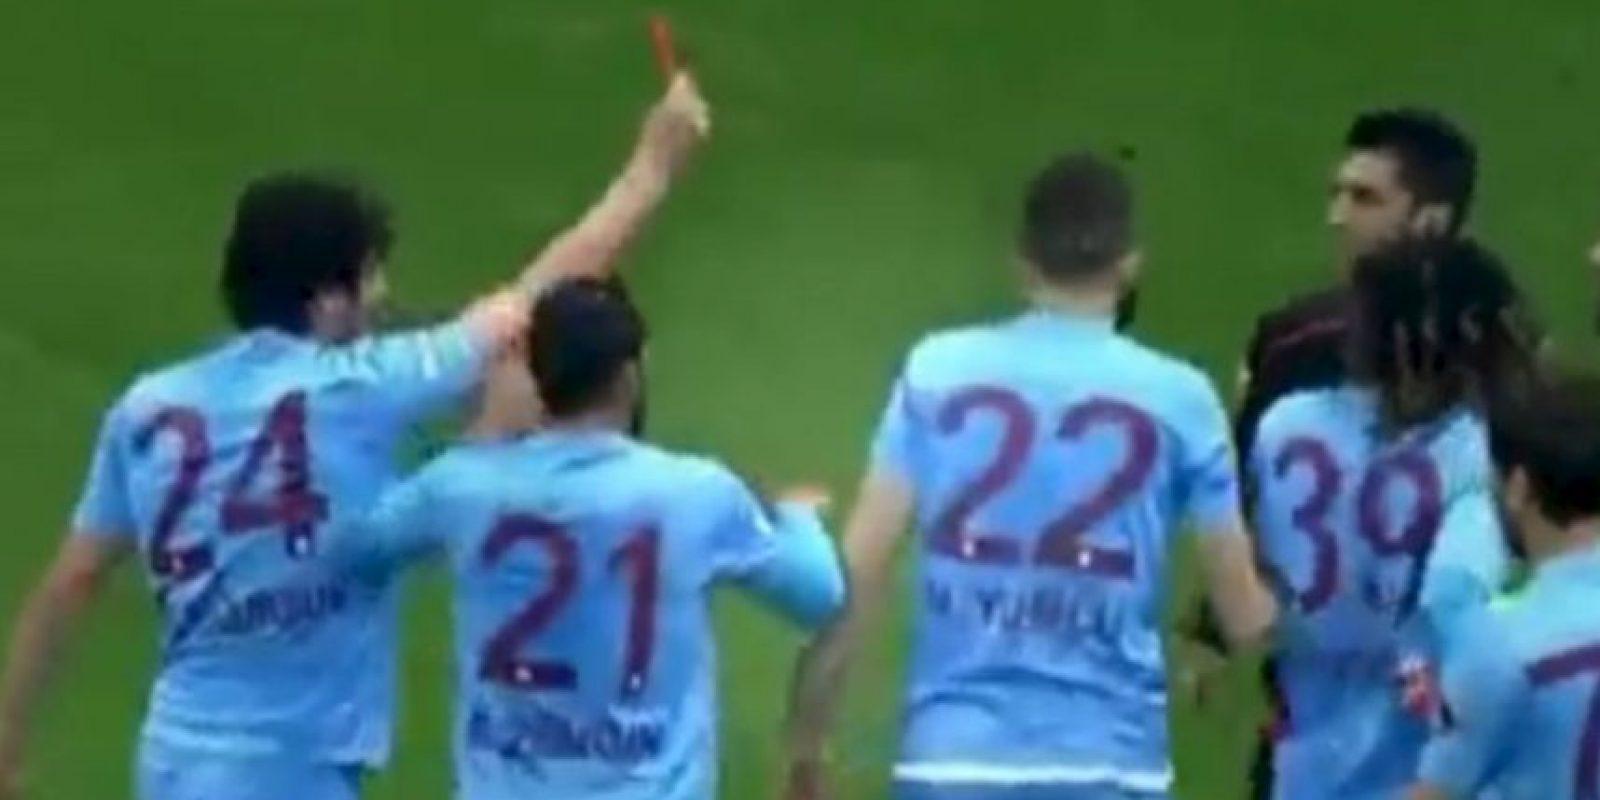 """El árbitro perdió la tarjeta roja y fue """"expulsado"""" por otro miembro del equipo. Foto:Twitter"""